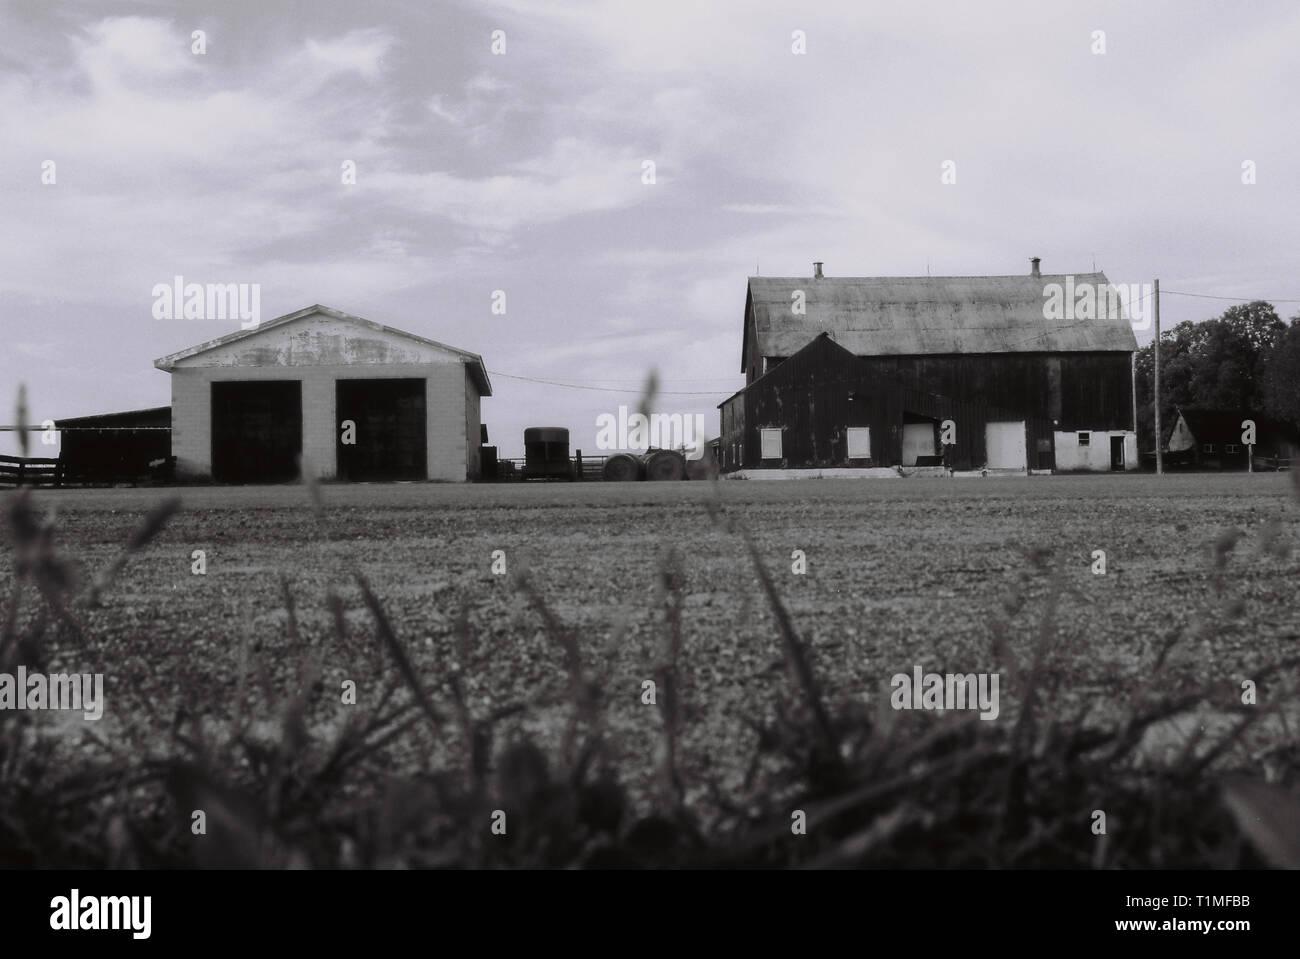 Grange en Elginburg, Ontario, Canada - Haute qualité négatif numérisé - 35 mm - Photo prise en 2002 Photo Stock